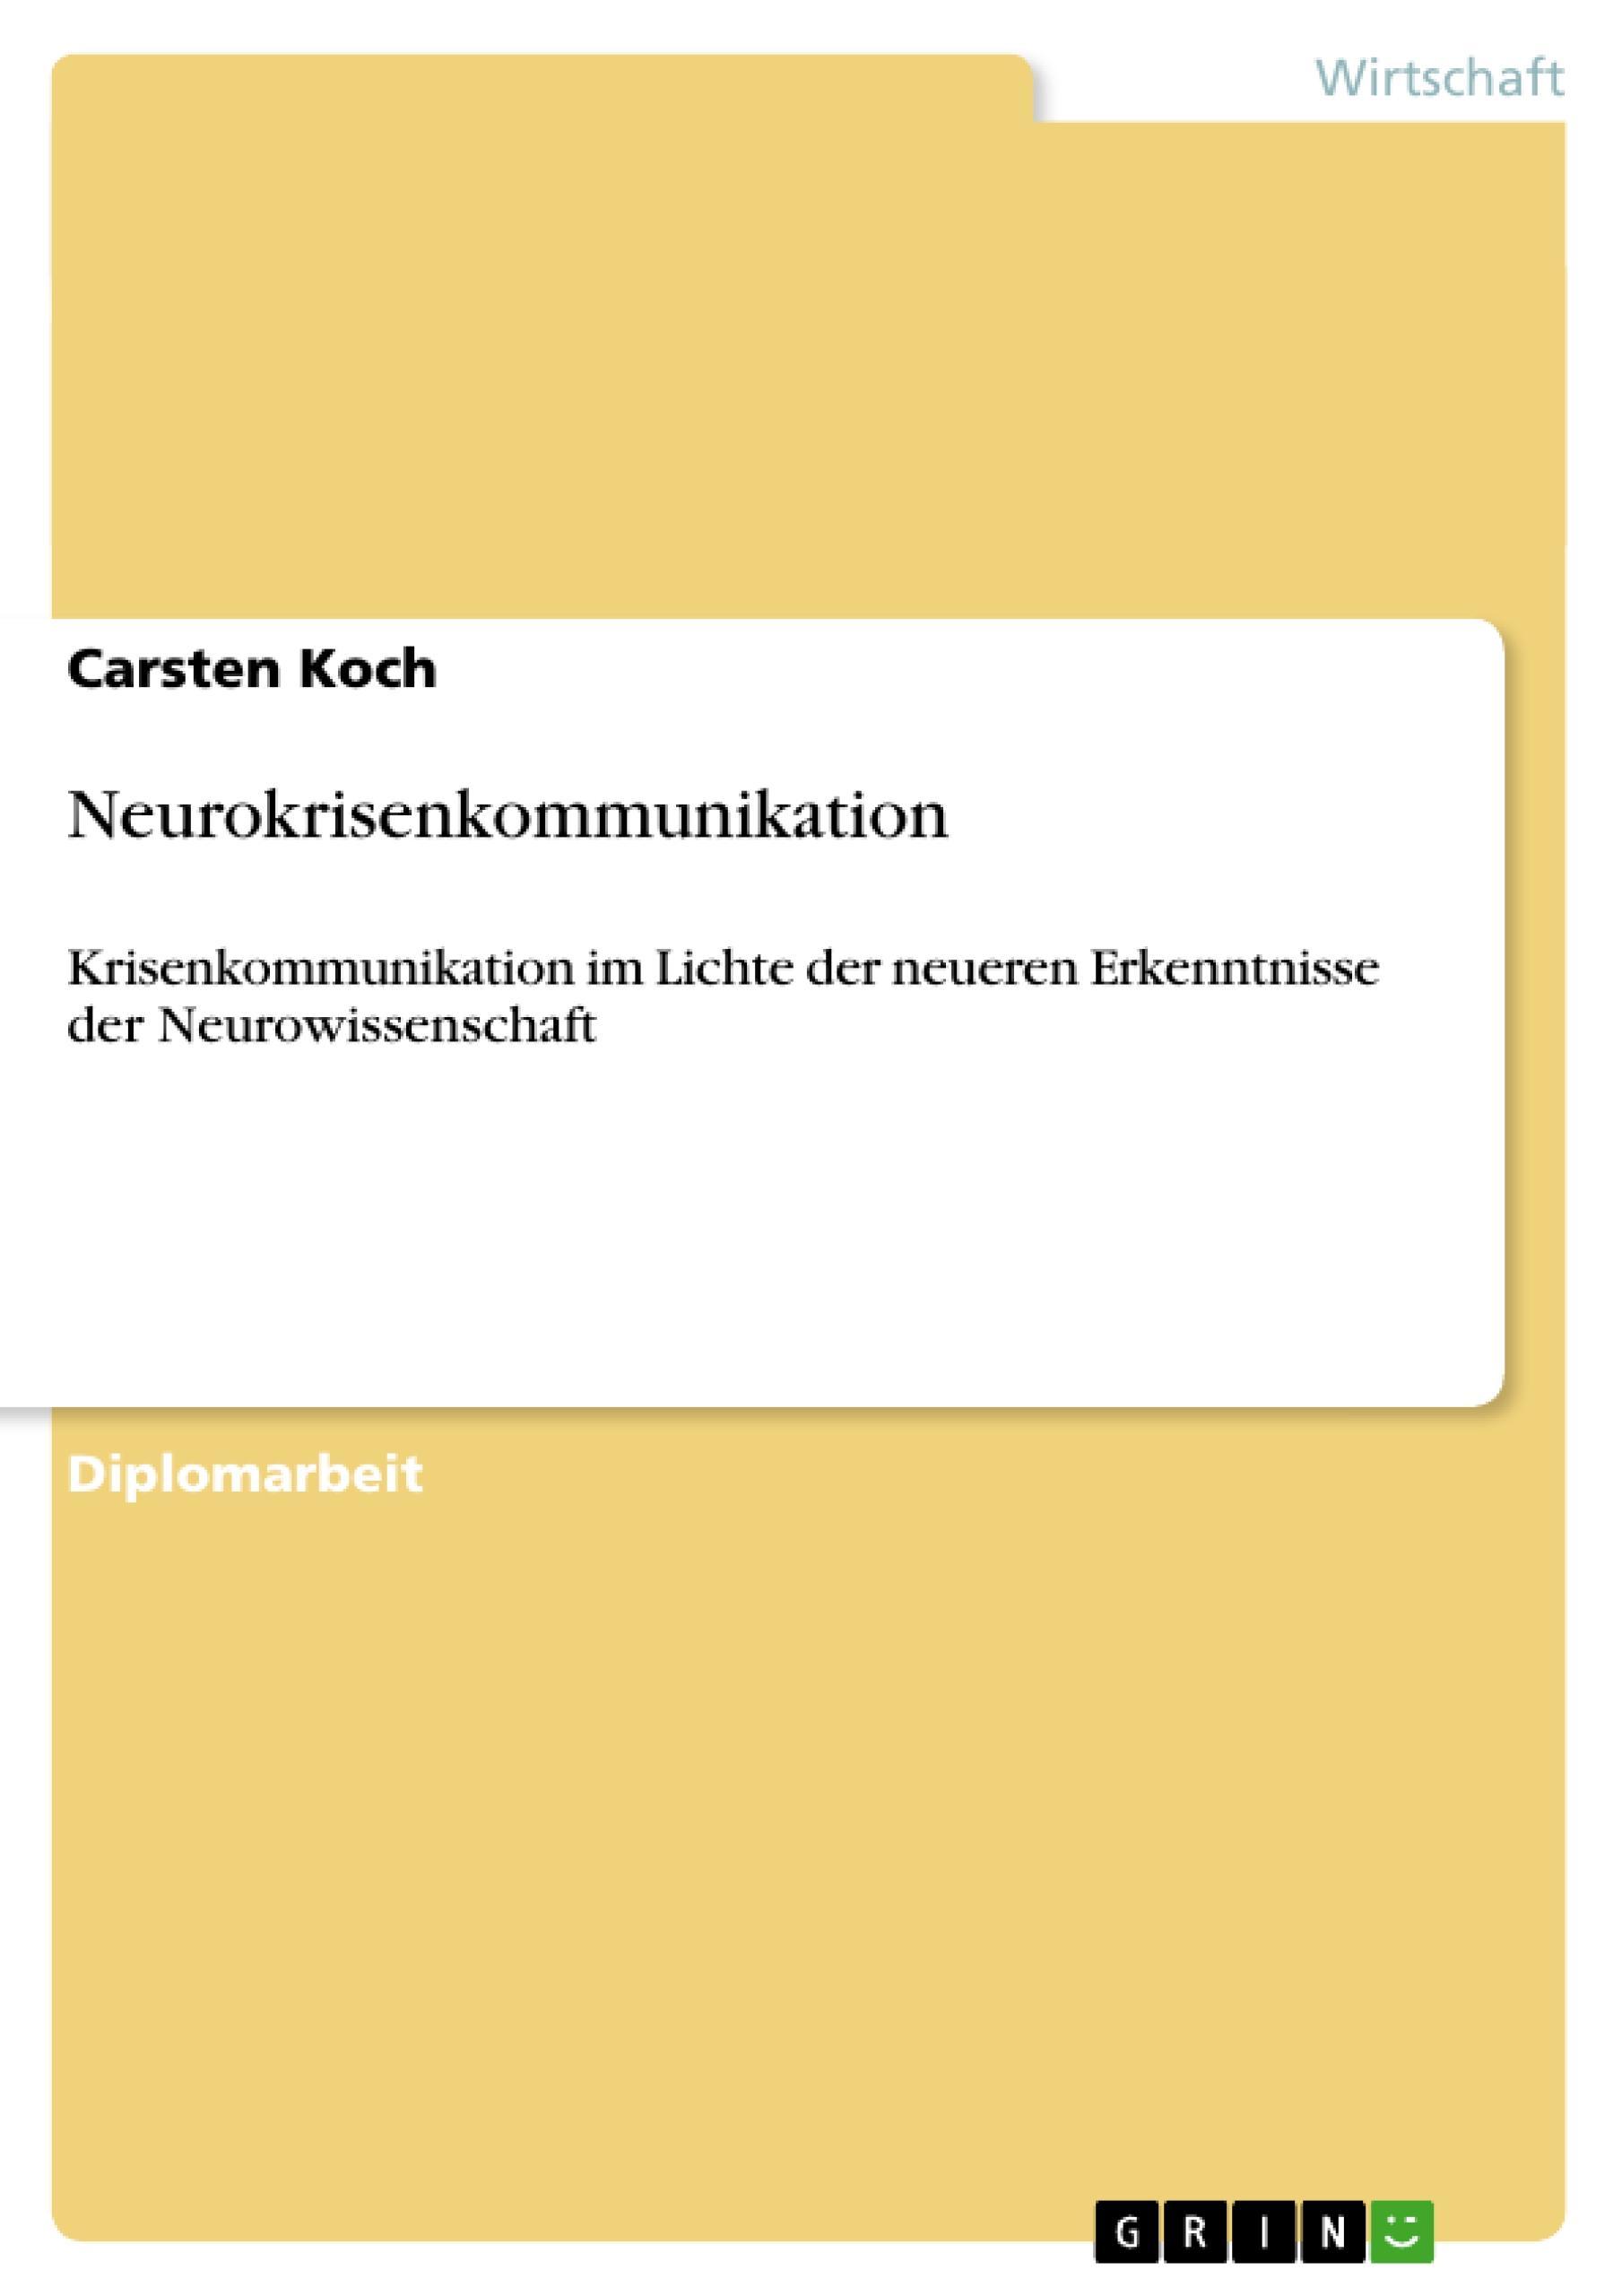 Neurokrisenkommunikation  Krisenkommunikation im Lichte der neueren Erkenntnisse der Neurowissenschaft  Carsten Koch  Taschenbuch  Deutsch  2010 - Koch, Carsten